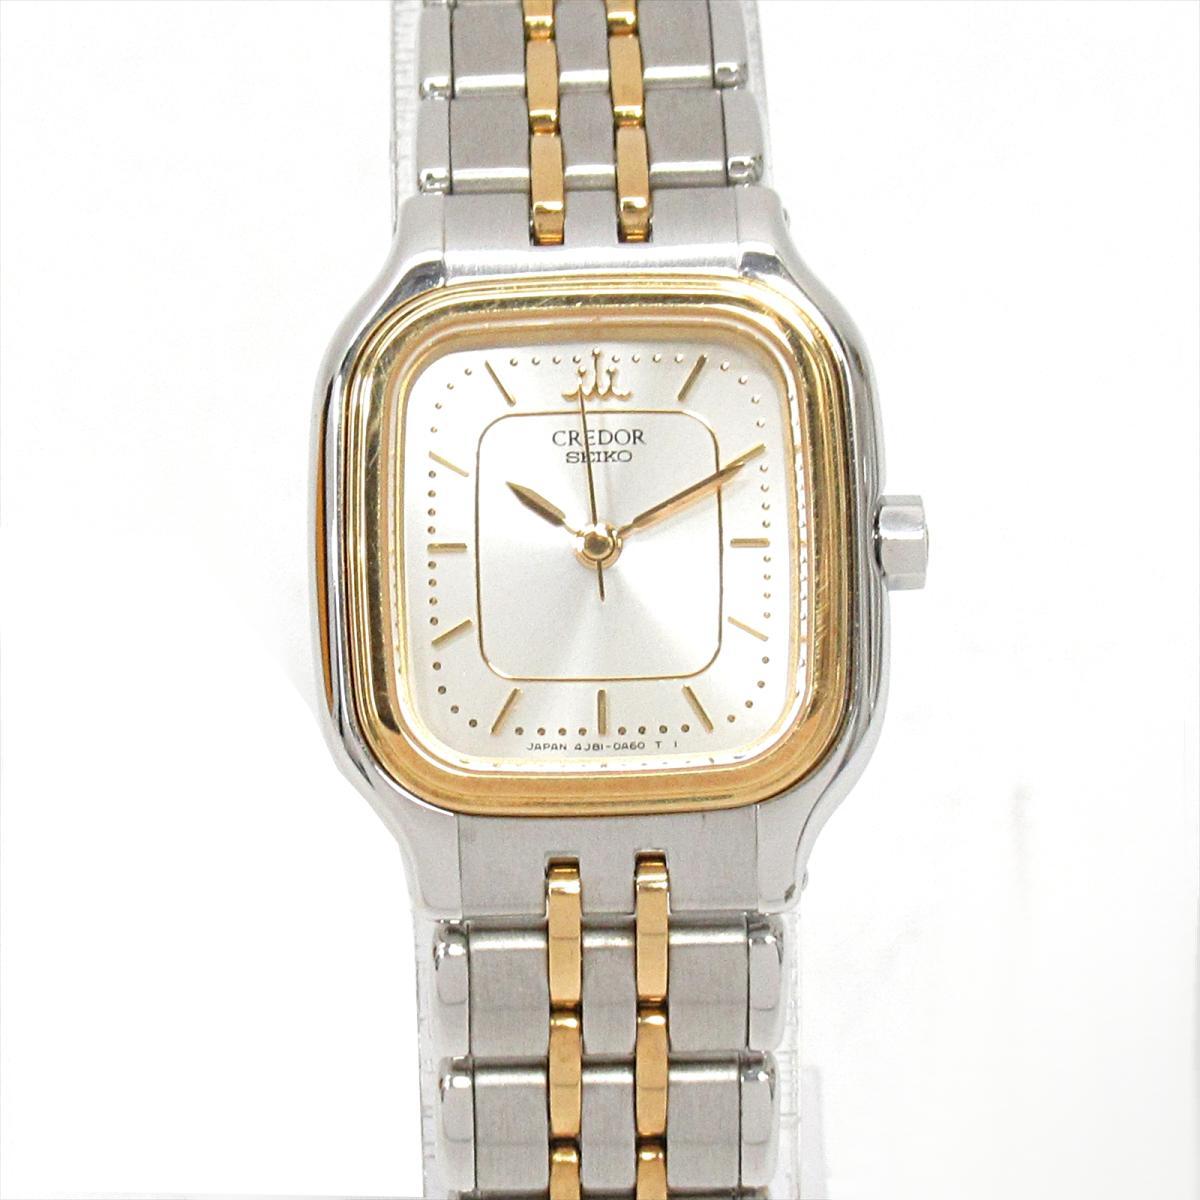 【中古】 セイコー クレドール 腕時計 ウォッチ レディース ステンレススチール (SS) x K18KT (ベゼル) GP (4J81-5A00) | SEIKO クオーツ クォーツ 時計 クレドール K18 18金 美品 ブランドオフ BRANDOFF